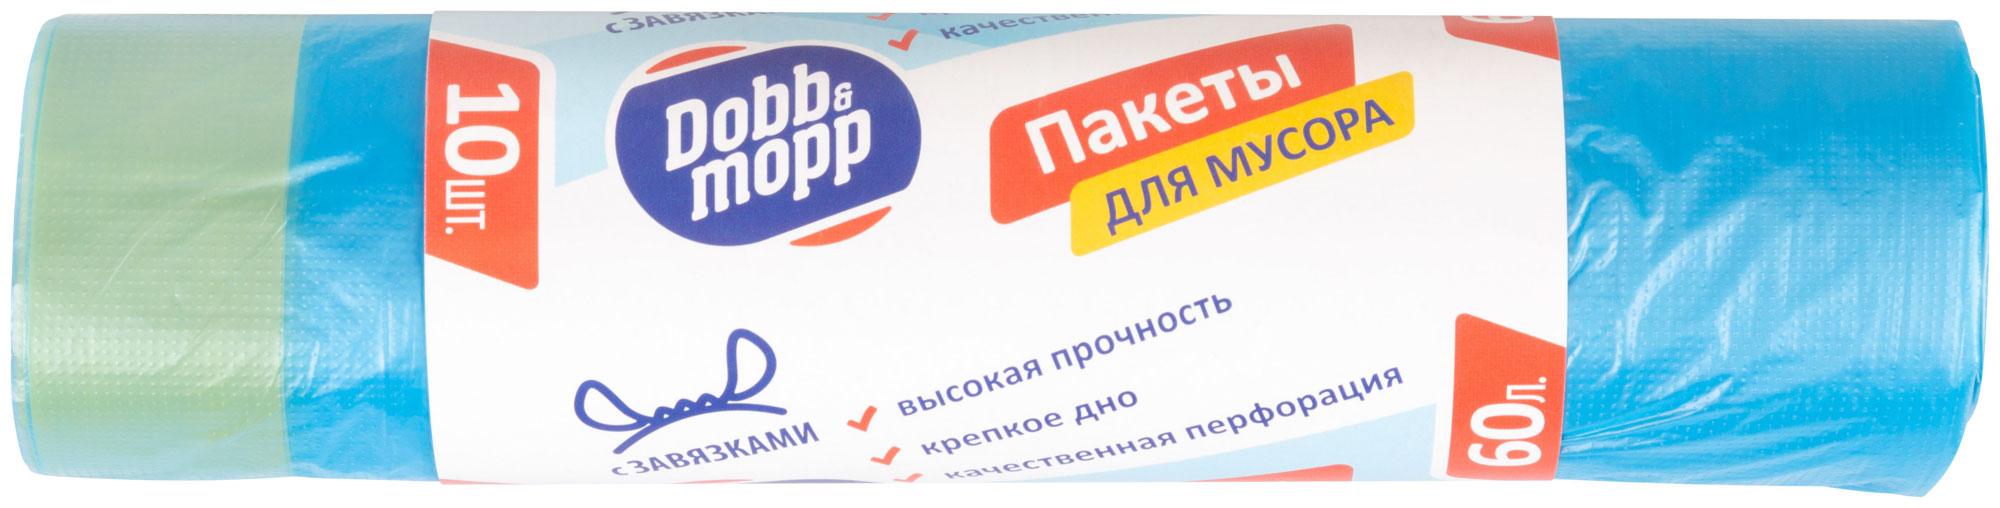 Пакеты Dobb & Mopp для мусора